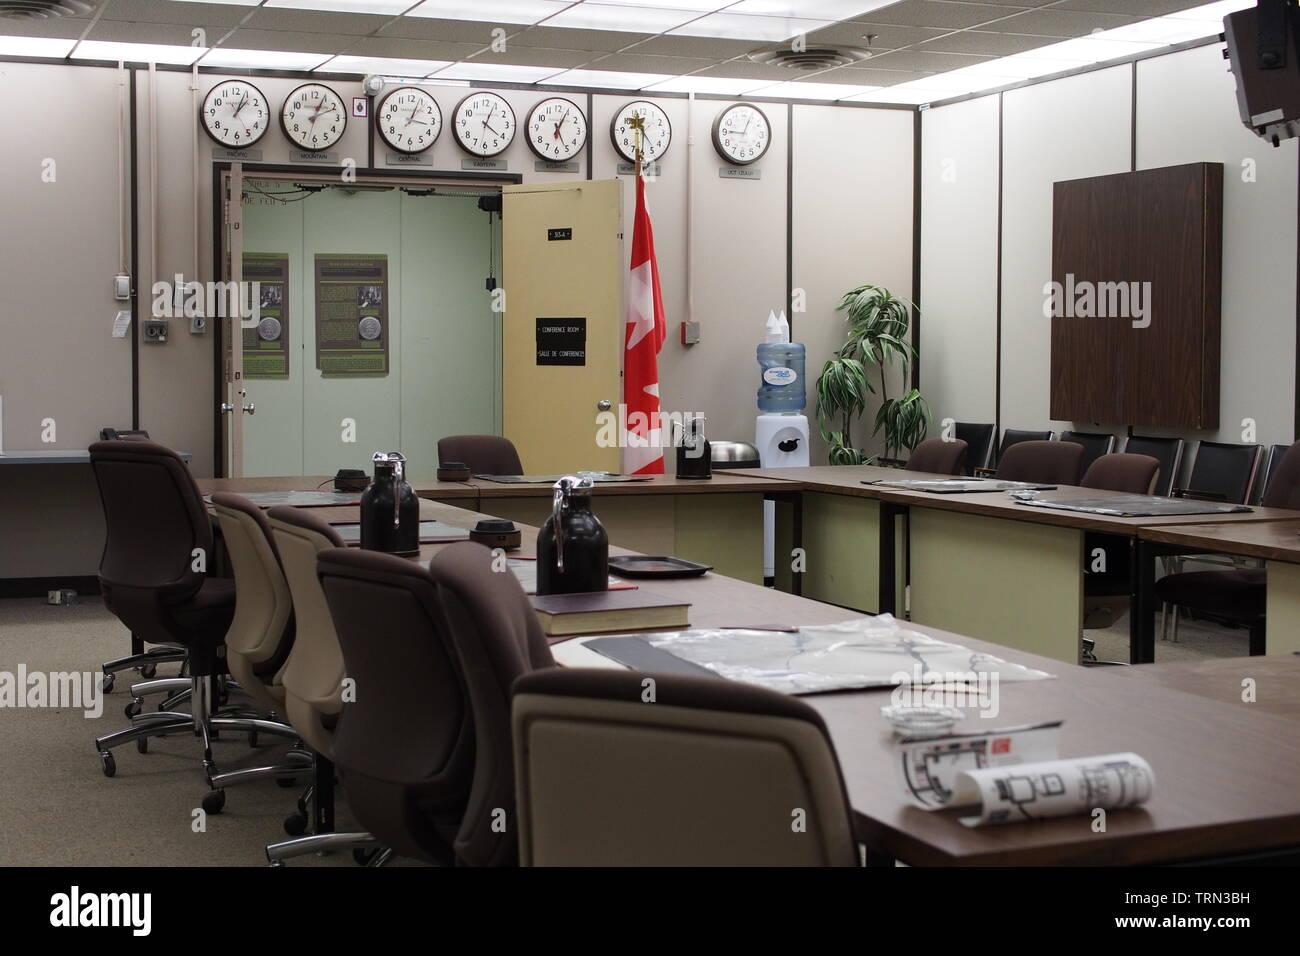 En la Sala del Gabinete de guerra Diefenbunker, Canadá es el Museo de la guerra fría, ubicada en las afueras de la carpa en Ottawa, Ontario, Canadá. Imagen De Stock